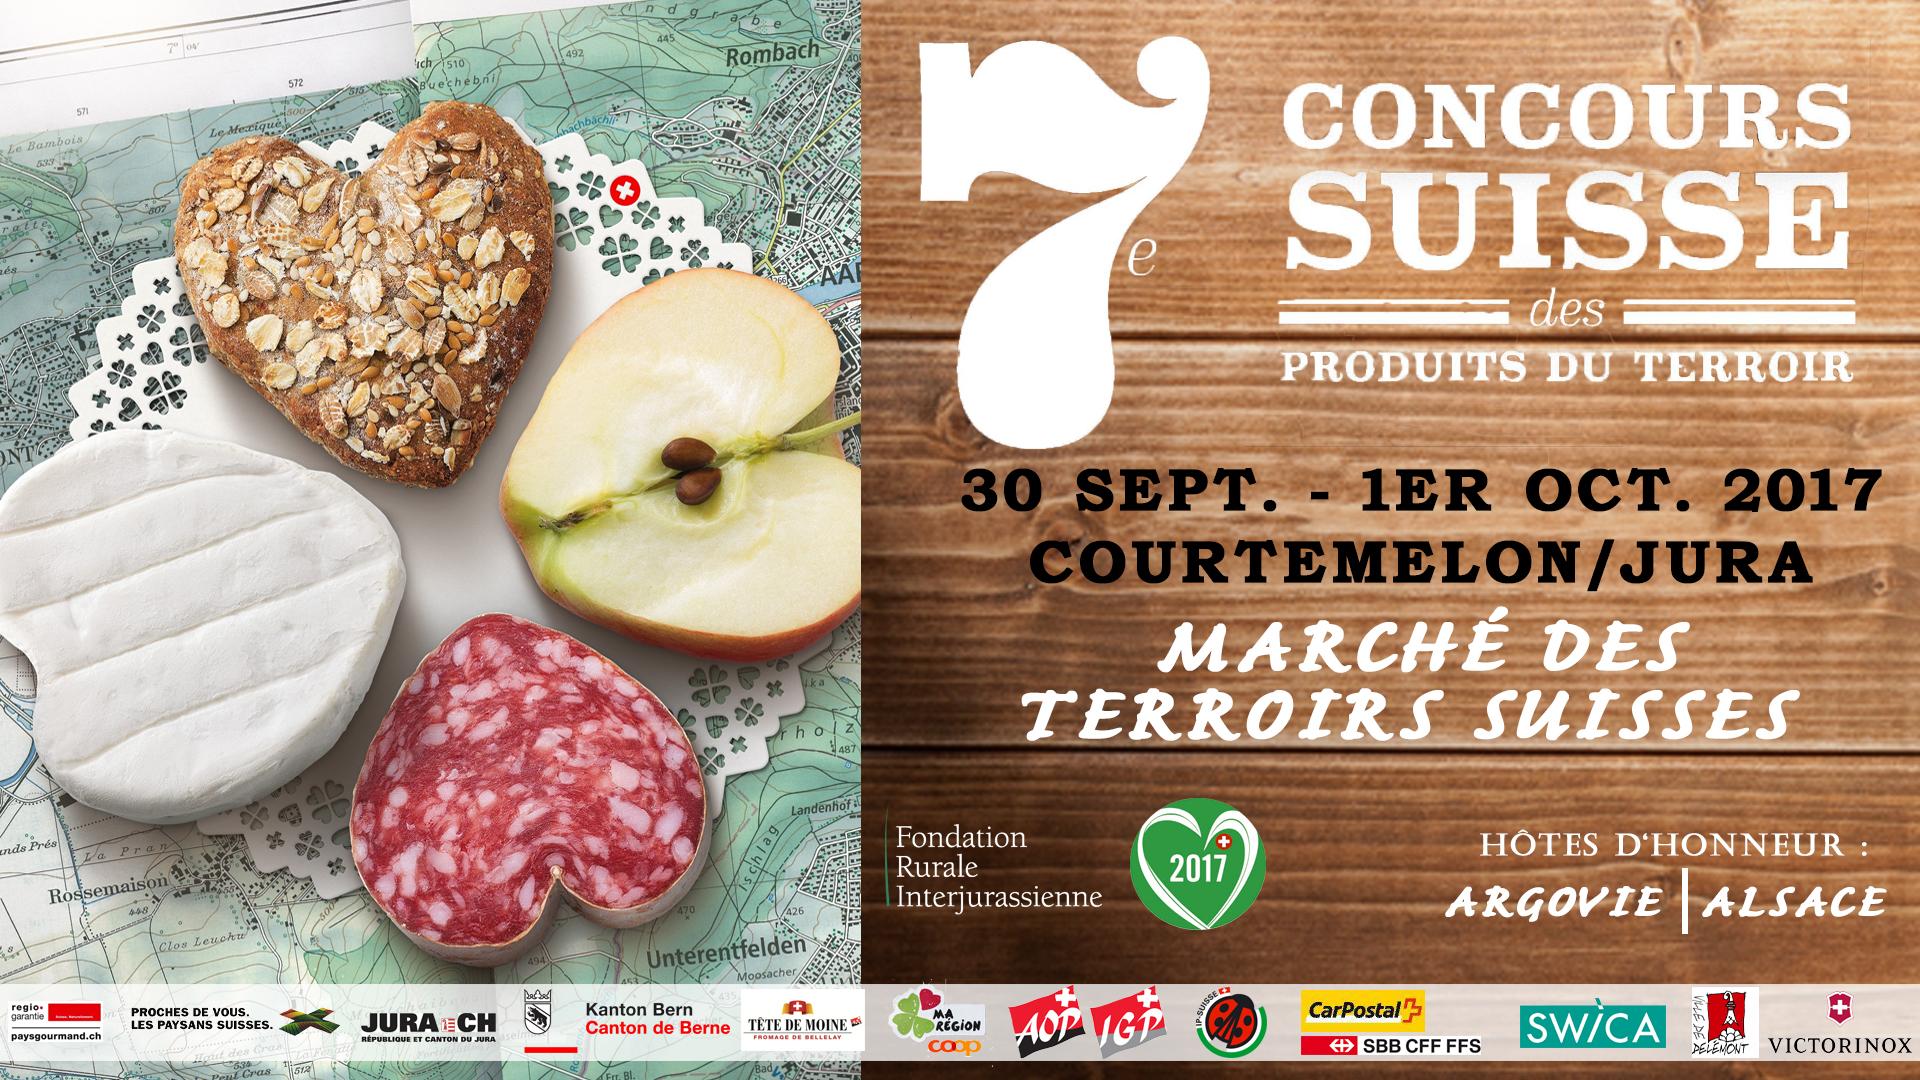 Bildergebnis für marché des terroirs suisse courtemelon